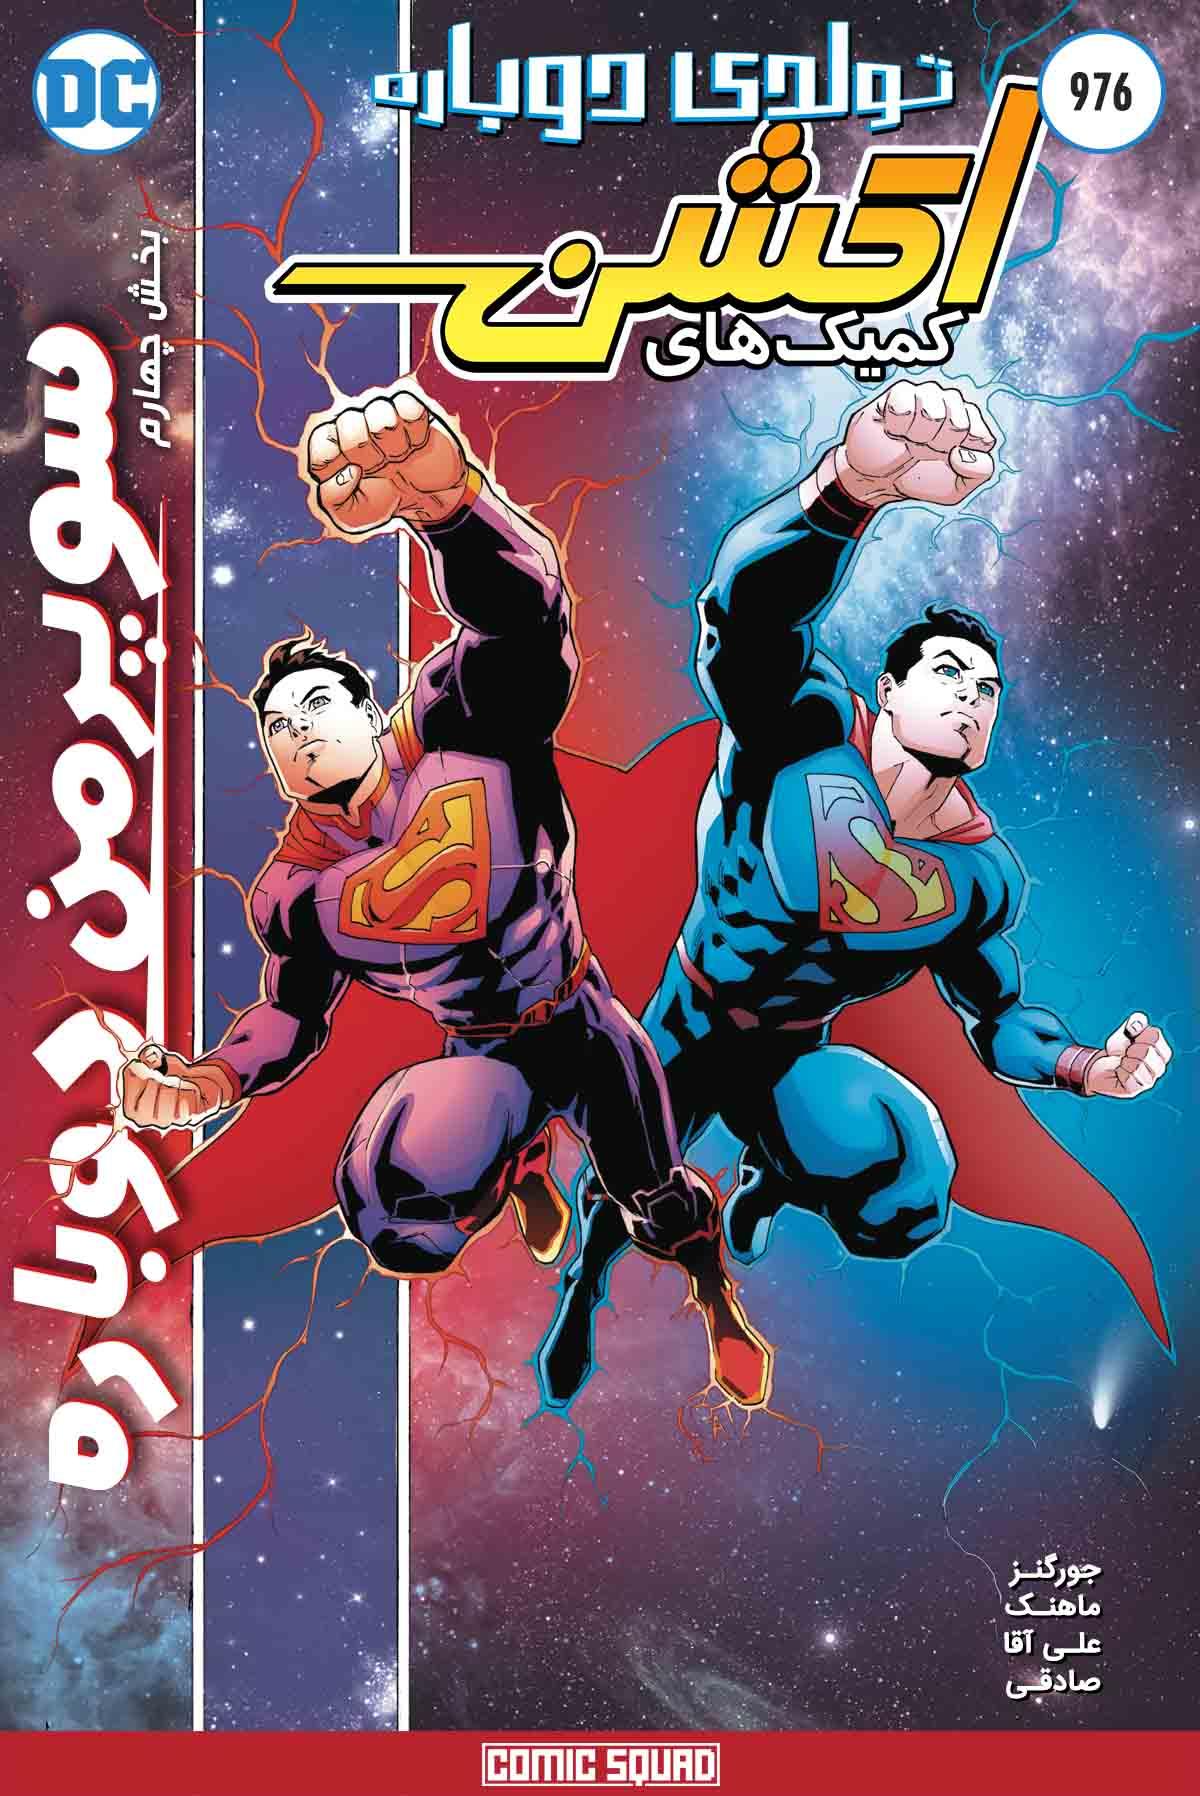 کمیک سوپرمن دوباره - قسمت چهارم | سوپرمن تولدی دوباره